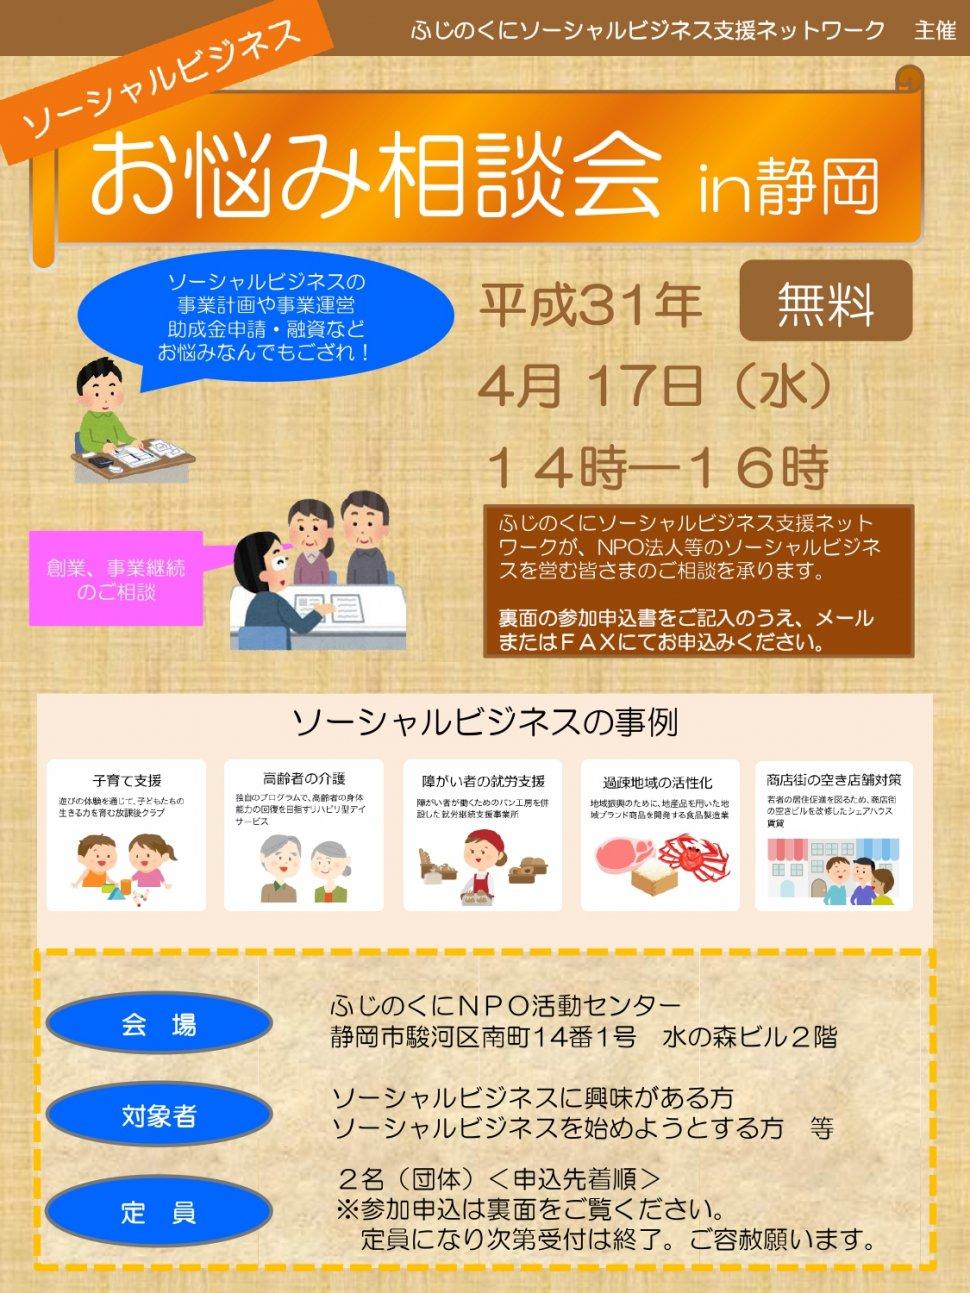 平成31年度第1回資金相談会案内(2019.4.17)_表